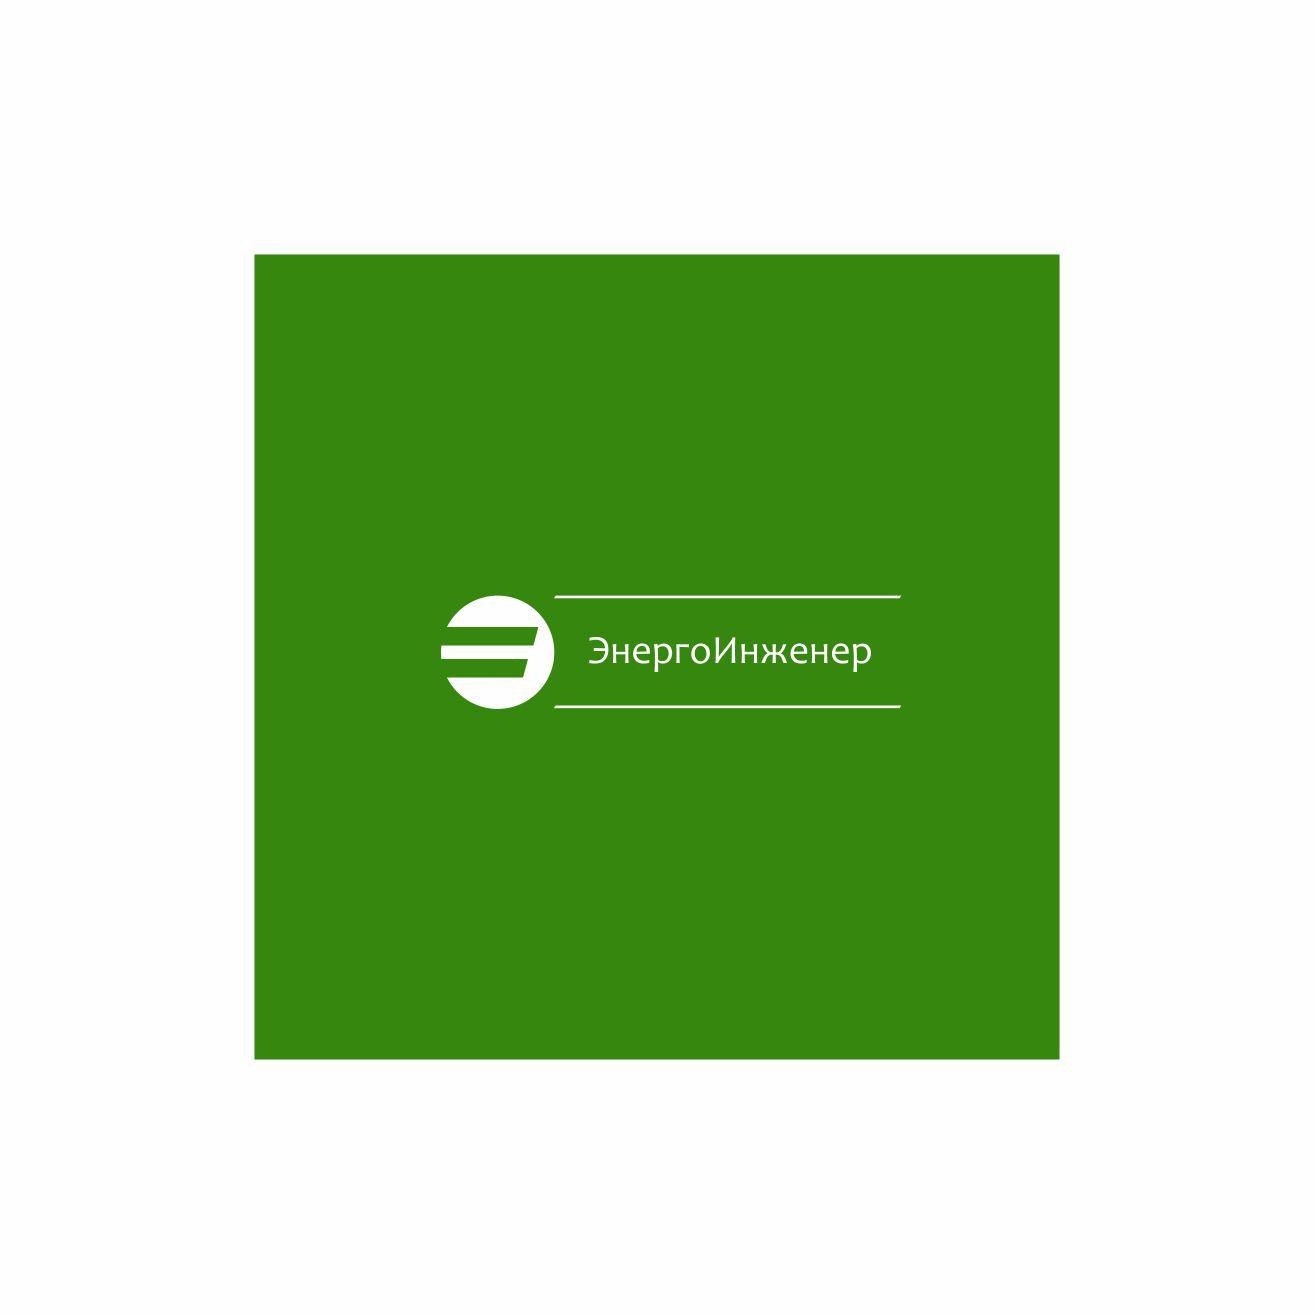 Логотип для инженерной компании фото f_91851c7f09919189.jpg